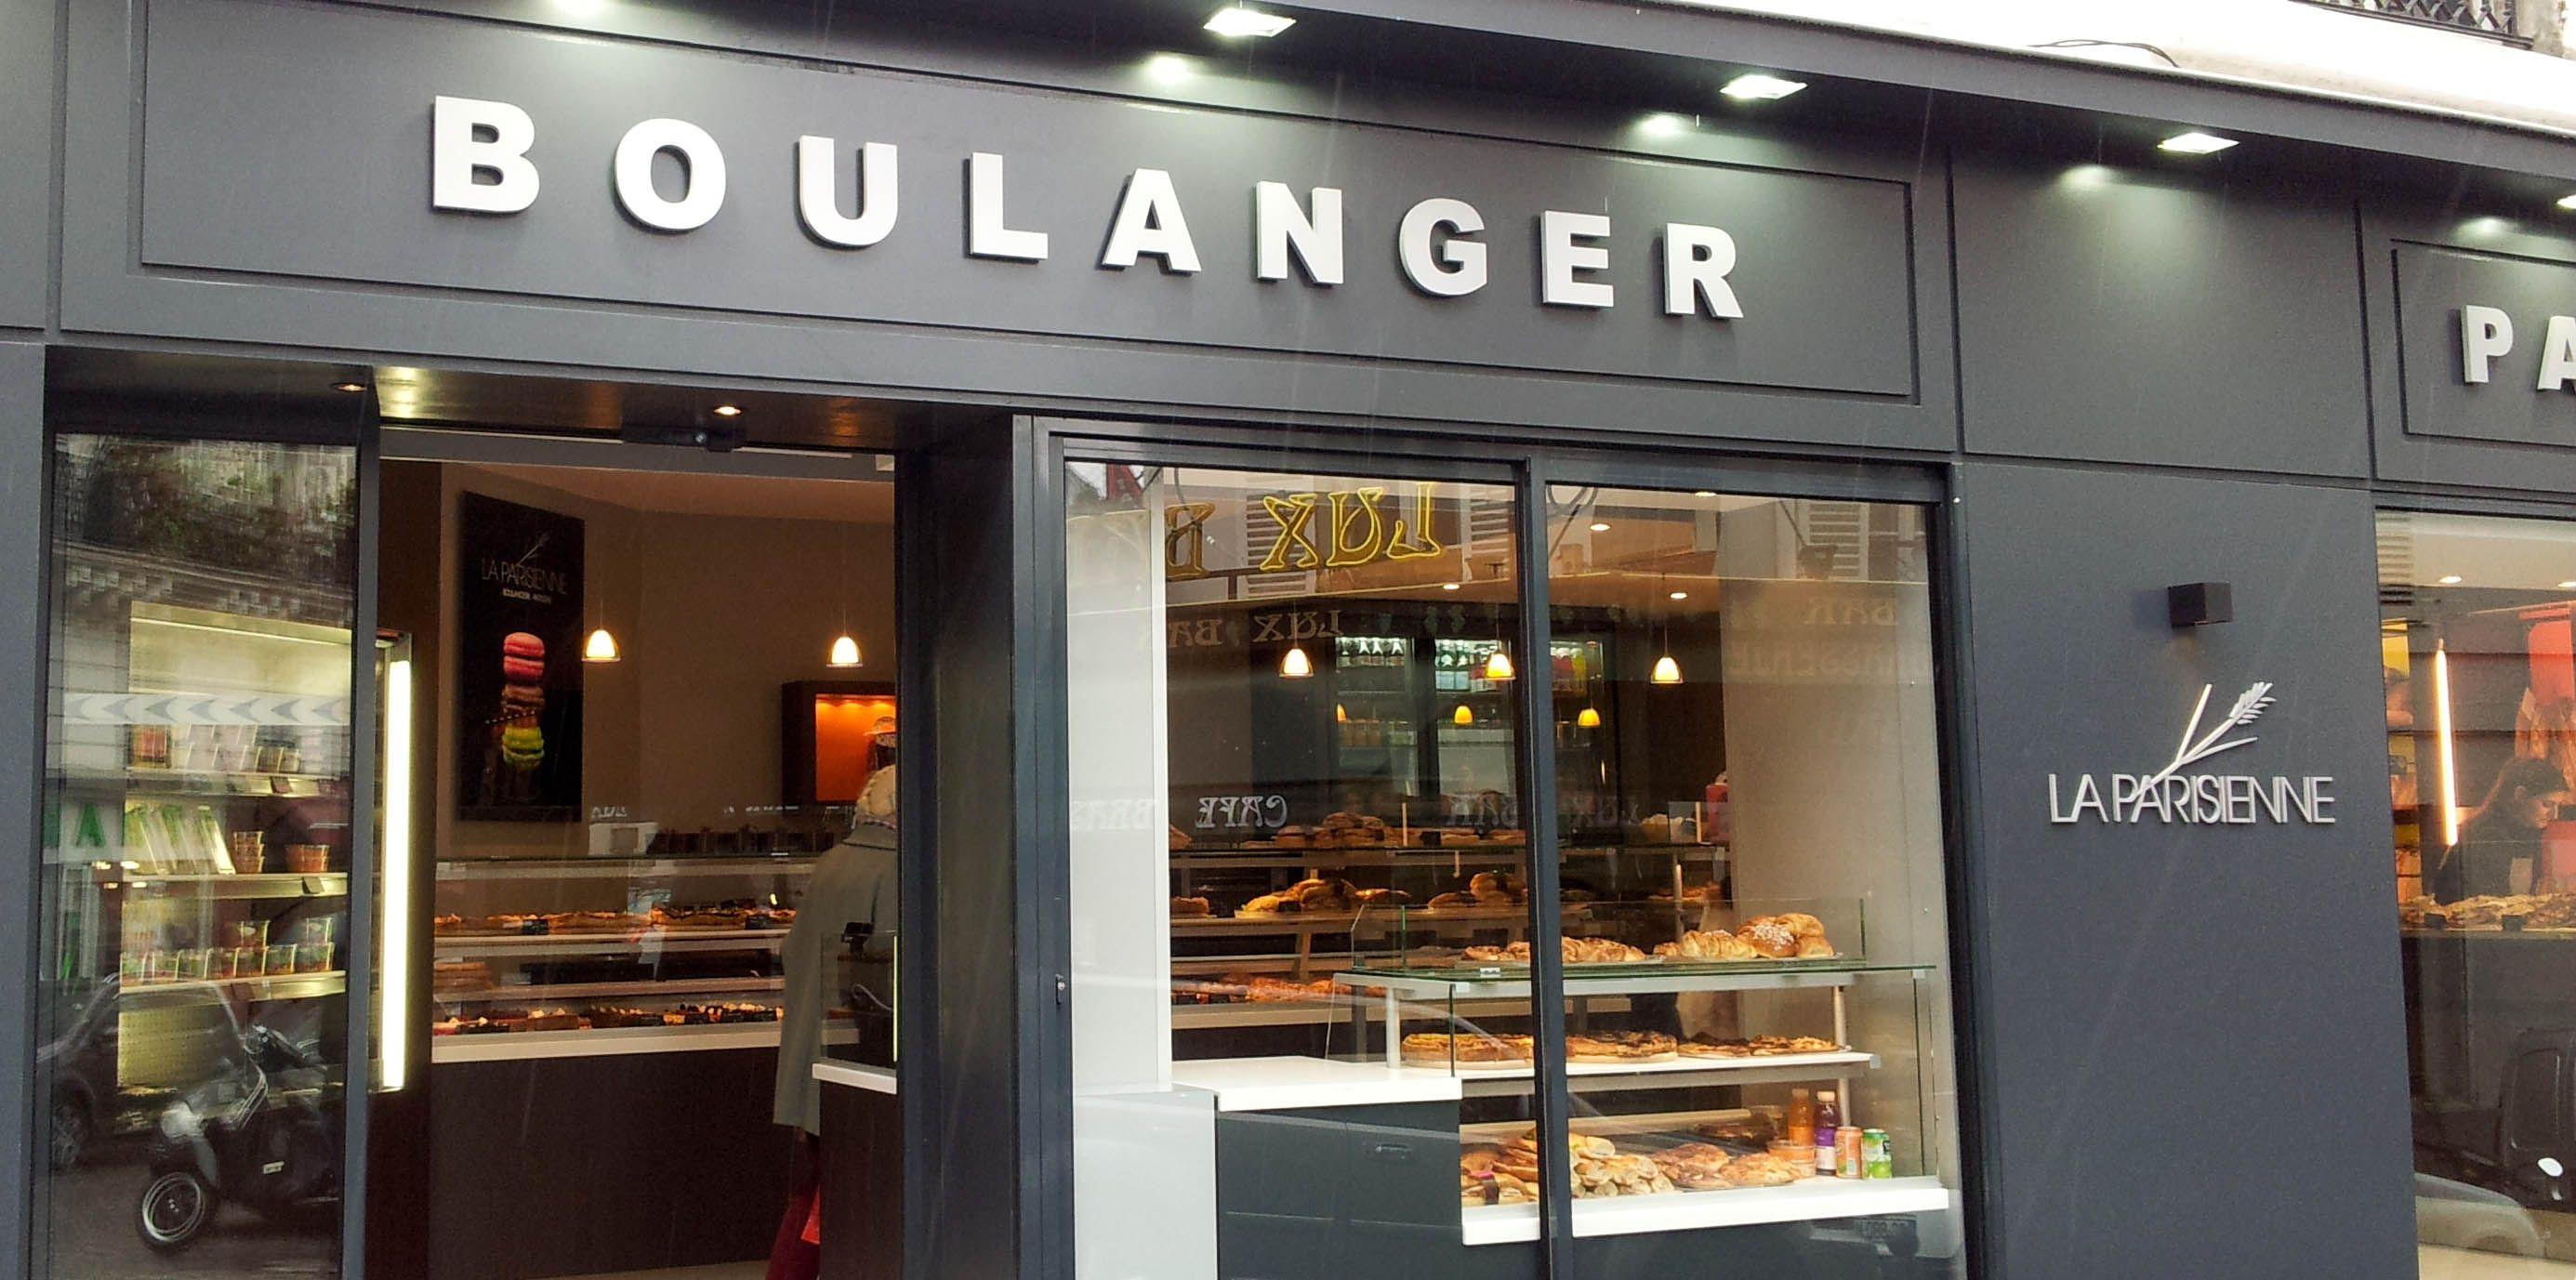 Faade Boulangerie Moderne - Hledat Googlem Pavilion